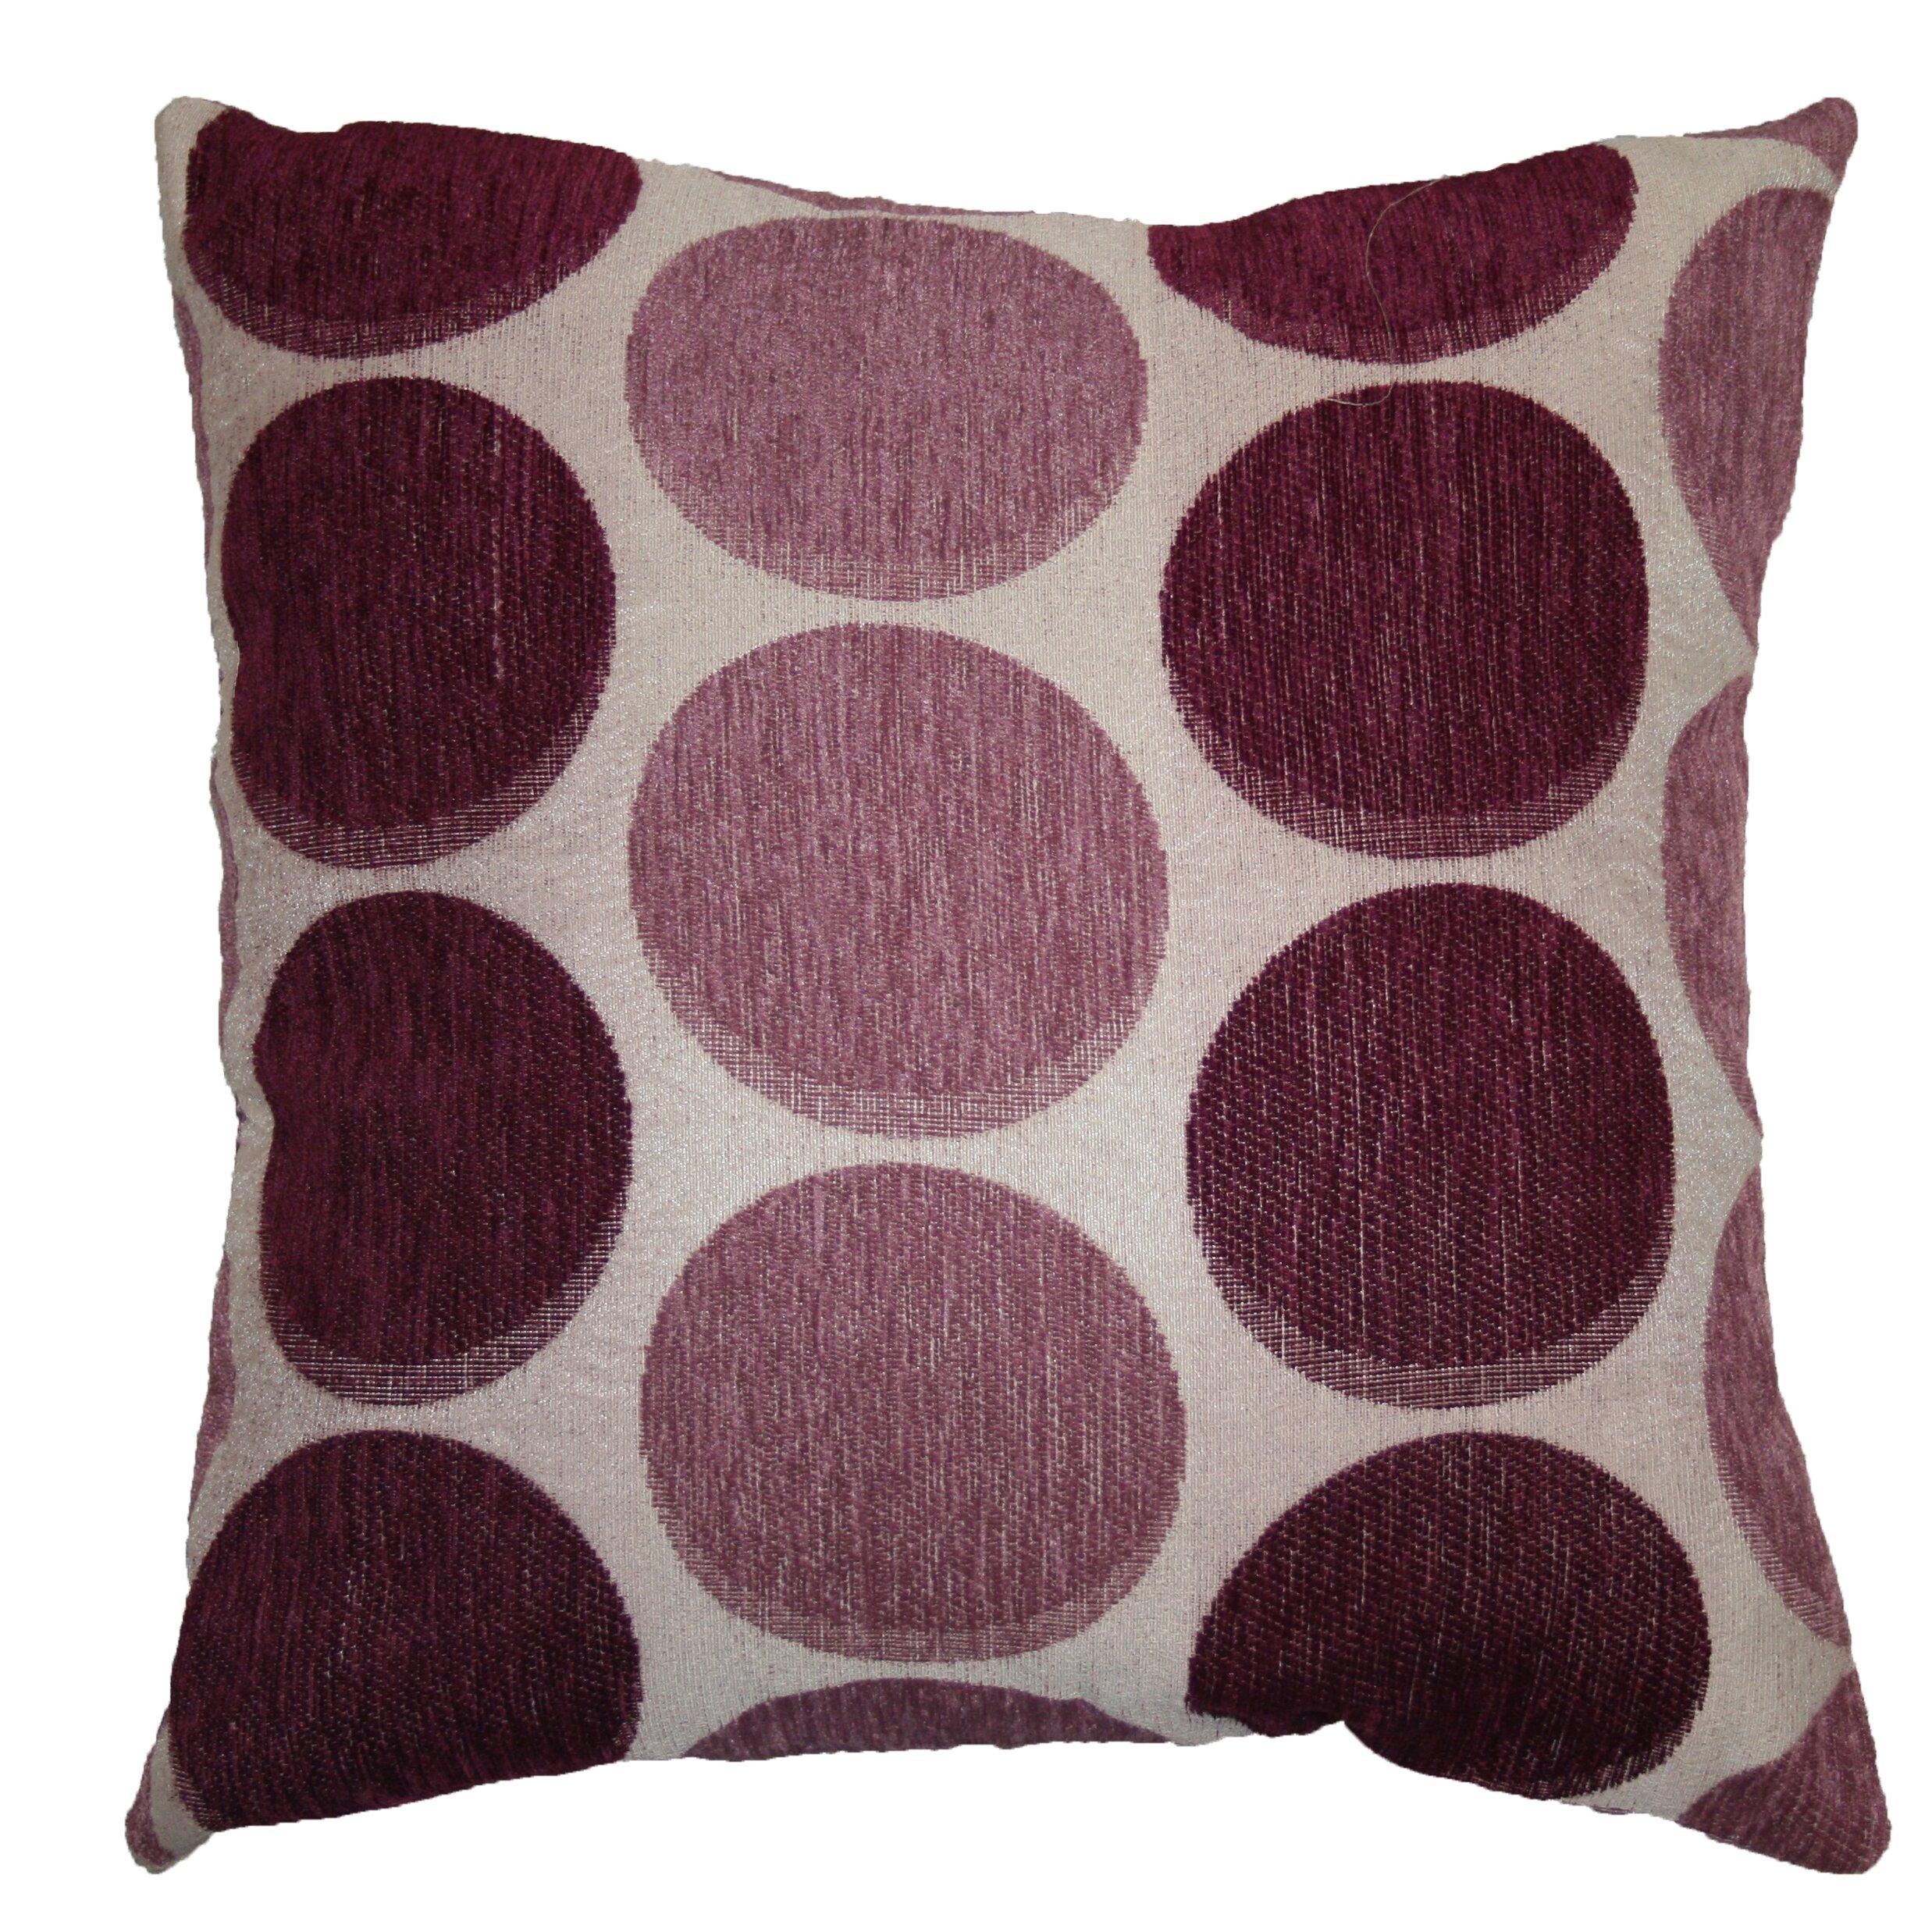 Decorative Pillows With Circles : Eridanus Circle s Decorative Pillow Cover Wayfair